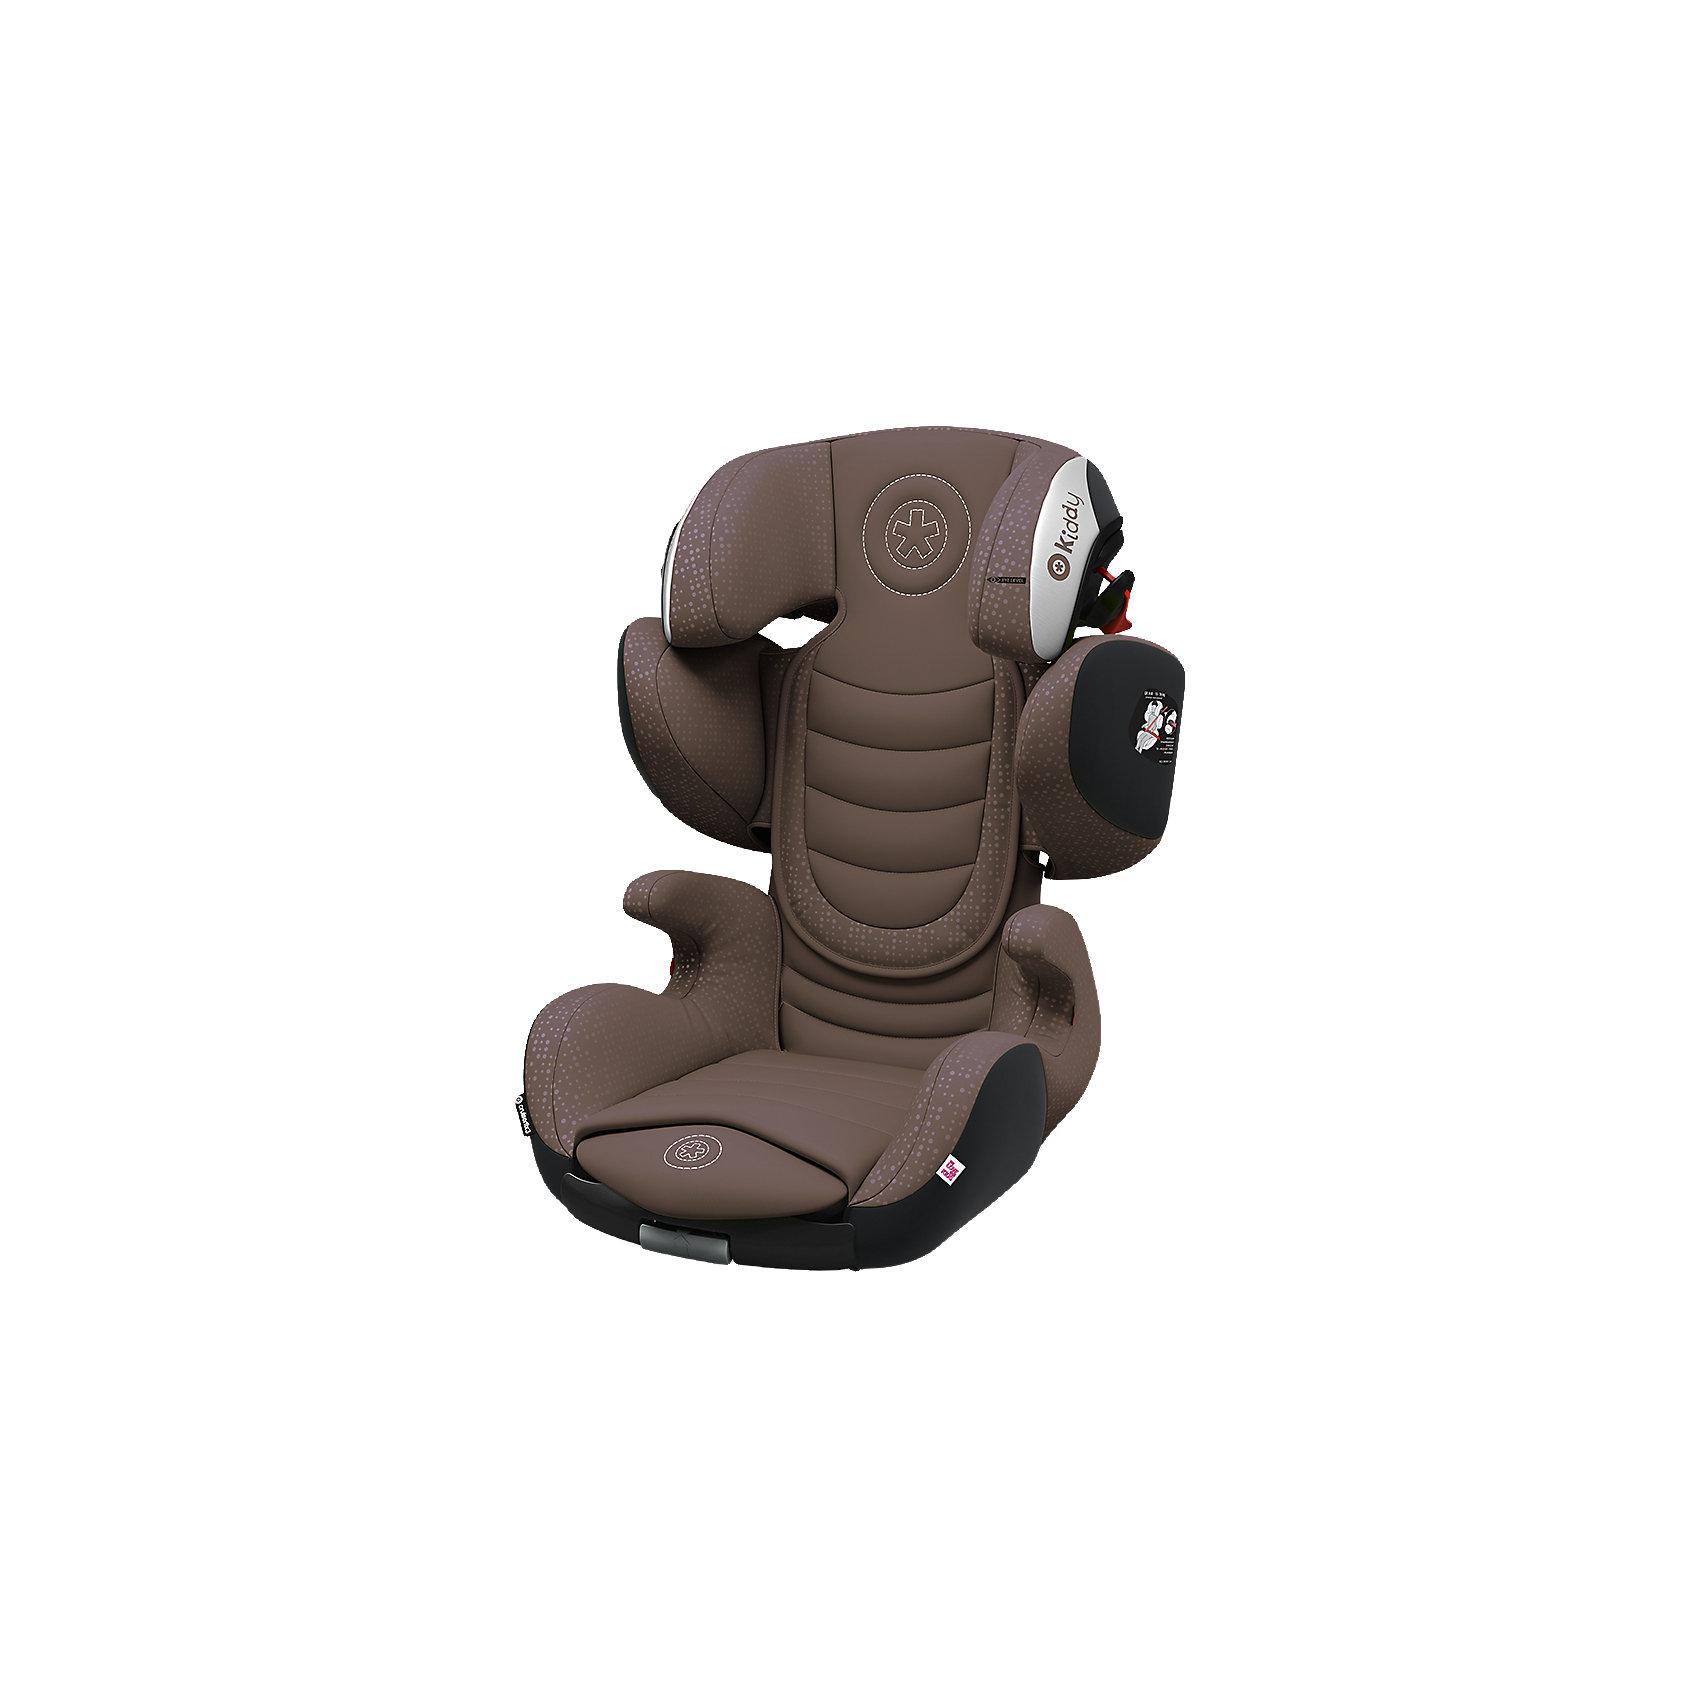 Автокресло Kiddy Cruiserfix 3, 15-36кг., Nougat BrownГруппа 2-3 (От 15 до 36 кг)<br>Kiddy Cruiserfix 3 - детское автосиденье, обеспечивающее безопасность ребенку возрастом от 4 до 12 лет по максимально возможным показателям защиты из всех, какие только можно представить.Улучшенная защита при боковом ударе (Side Impact Protection).Амортизатор Кидди (Kiddy Shock Absorber).Дышащее волокно Thermotex.Удобные подлокотники.Универсальная конструкция механизма рамы позволяет одним действием руки изменить размер автокресла, подогнав его до подходящих размеров для всех детей возрастной категории 2/3. При увеличении высоты подголовника, кресло одновременно раздвигается в ширину.Система креплений K-fix:такой тип присоединения хорош тем, что фитинги легко можно убирать, чтобы использовать сиденье в машинах, не имеющих систему Isofix.Прочный съемный чехол можно стирать при  30°С .<br>Вес:7,6кг<br>Внешние размеры кресла:<br>Высота 65-83см<br>Ширина 55-64см<br>Глубина 45-50см<br>Внутренние размеры кресла:<br>Ширина подголовника 21см<br>Ширина плечевой зоны 31-41см<br>Ширина тазовой области 30см<br>Высота спинки 37-55см<br>Глубина сидушки 37-42см<br>Углы наклона 90-115 градусов (в зависимости от типа автомобиля)<br><br>Ширина мм: 734<br>Глубина мм: 524<br>Высота мм: 507<br>Вес г: 9120<br>Цвет: коричневый<br>Возраст от месяцев: 36<br>Возраст до месяцев: 144<br>Пол: Унисекс<br>Возраст: Детский<br>SKU: 5105436